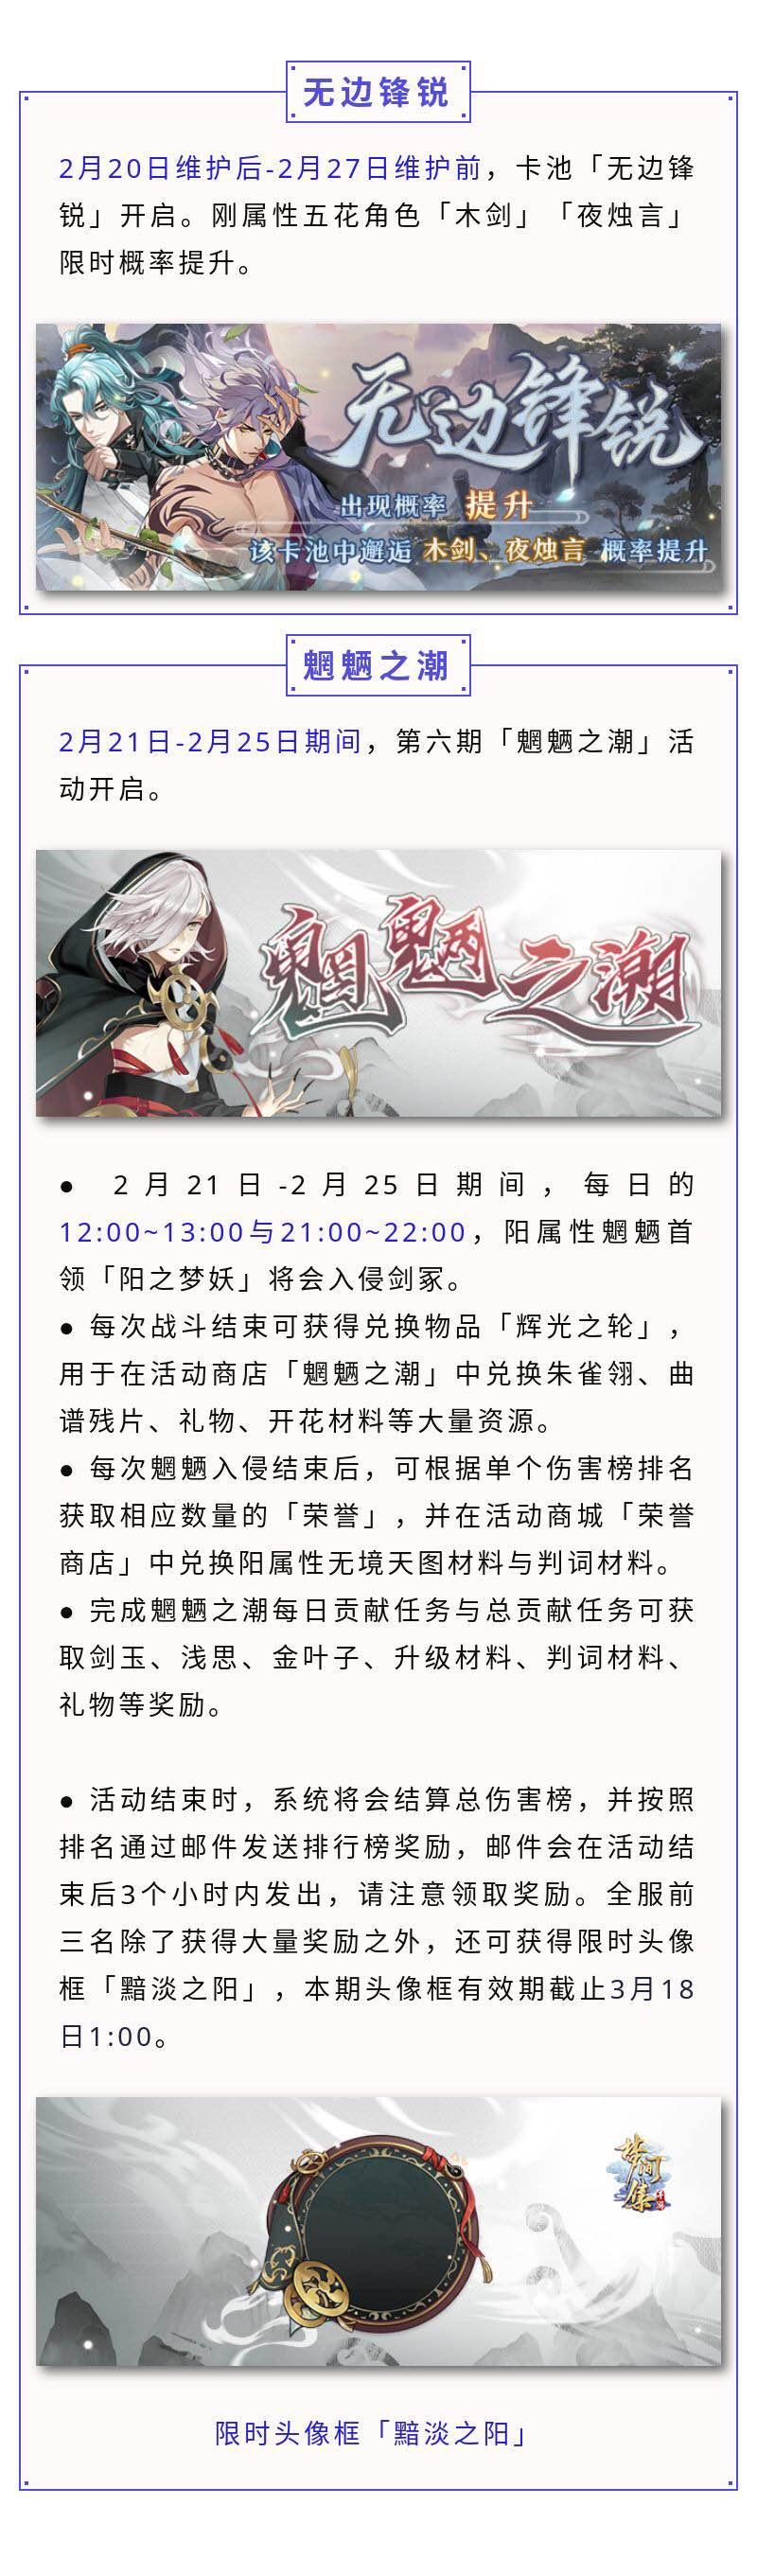 魍魉之潮第六期-活动公告.jpg